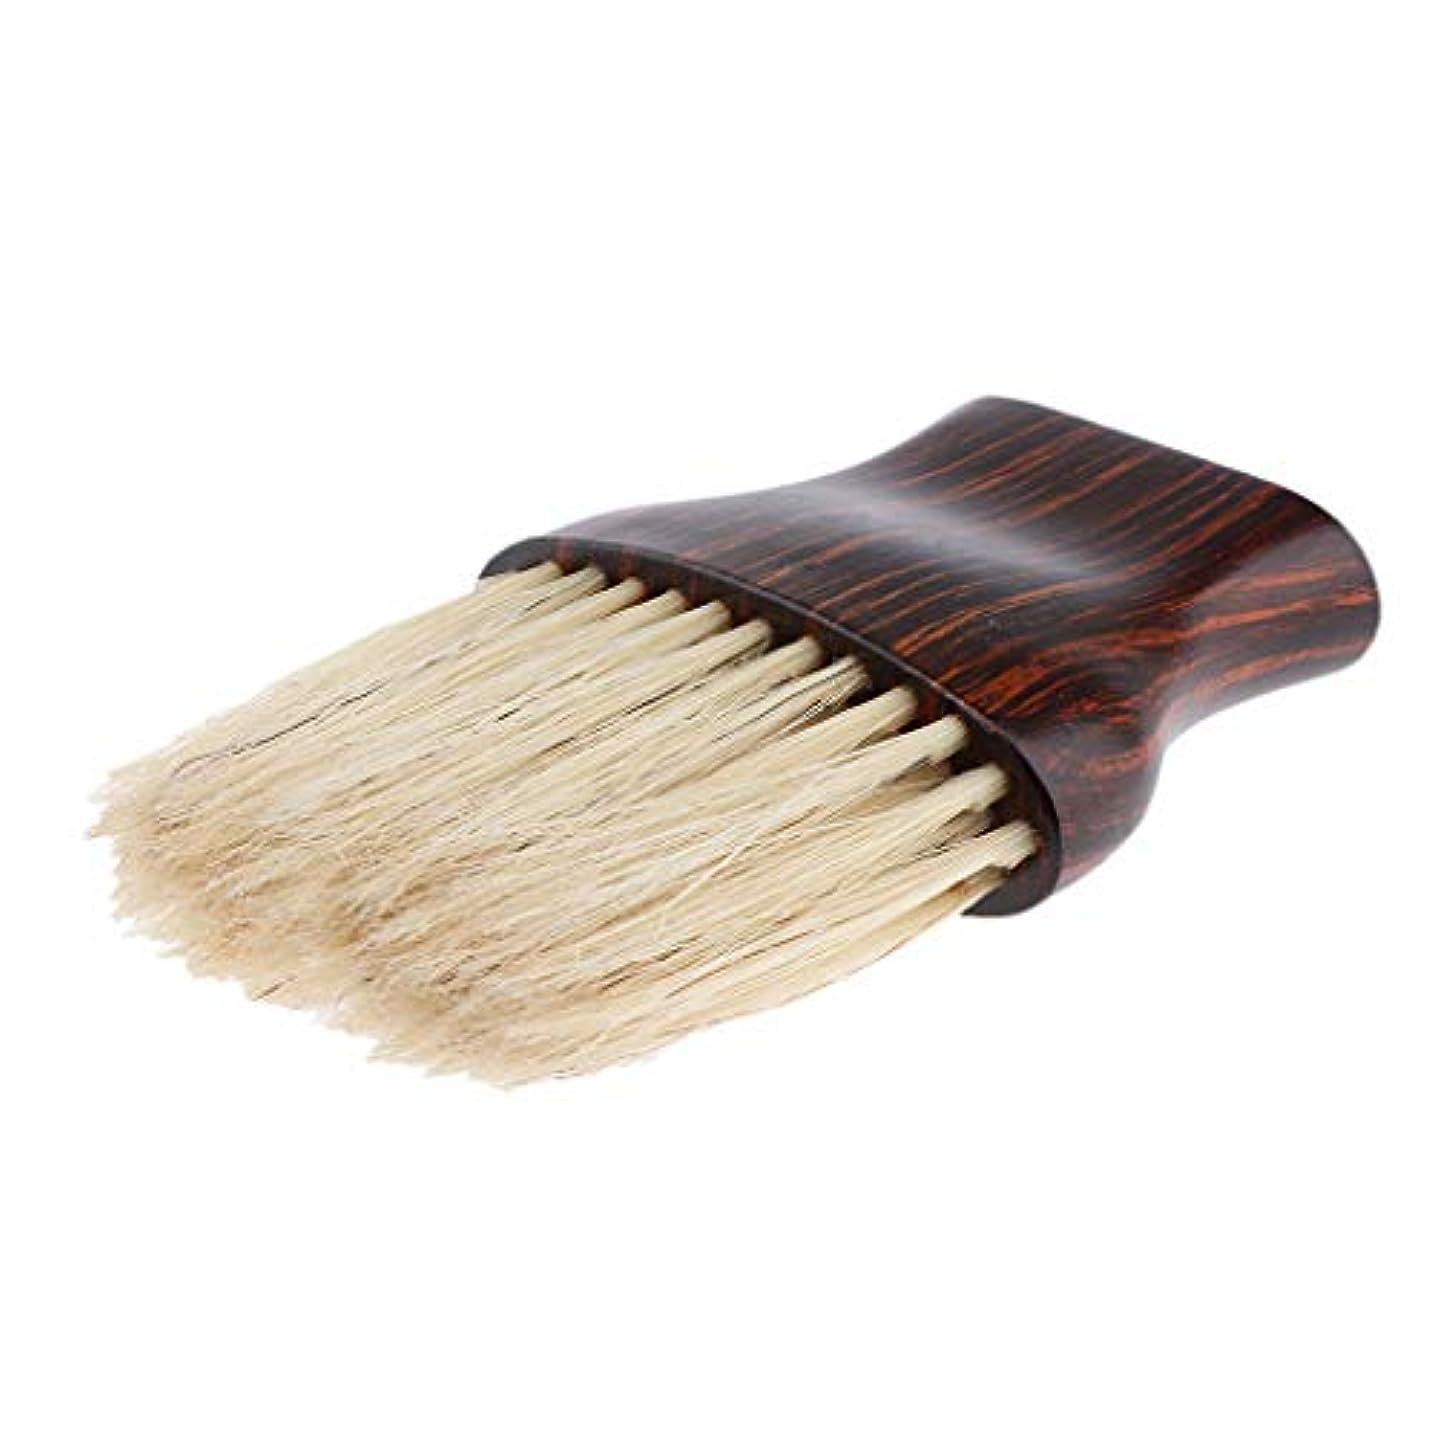 花瓶刺すガスToygogo ネックダスターブラシ ヘアカットブラシ クリーニング ブラシ 毛払いブラシ 散髪 髪切り